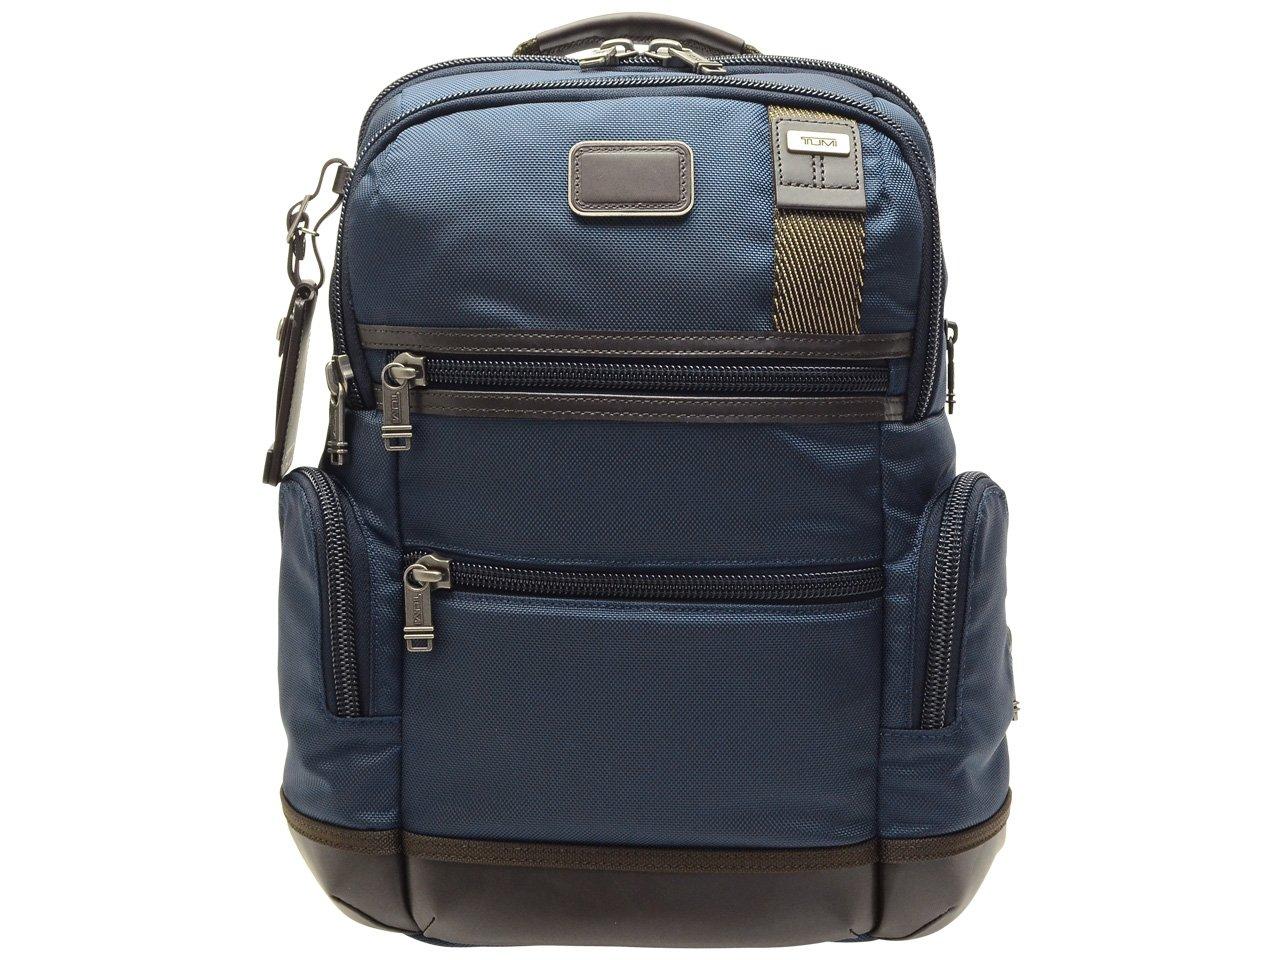 (トゥミ) TUMI バッグ バックパック リュックサック メンズ ALPHA BRAVO 222681 ブランド [並行輸入品] B01M74Q7EJ ネイビー ネイビー